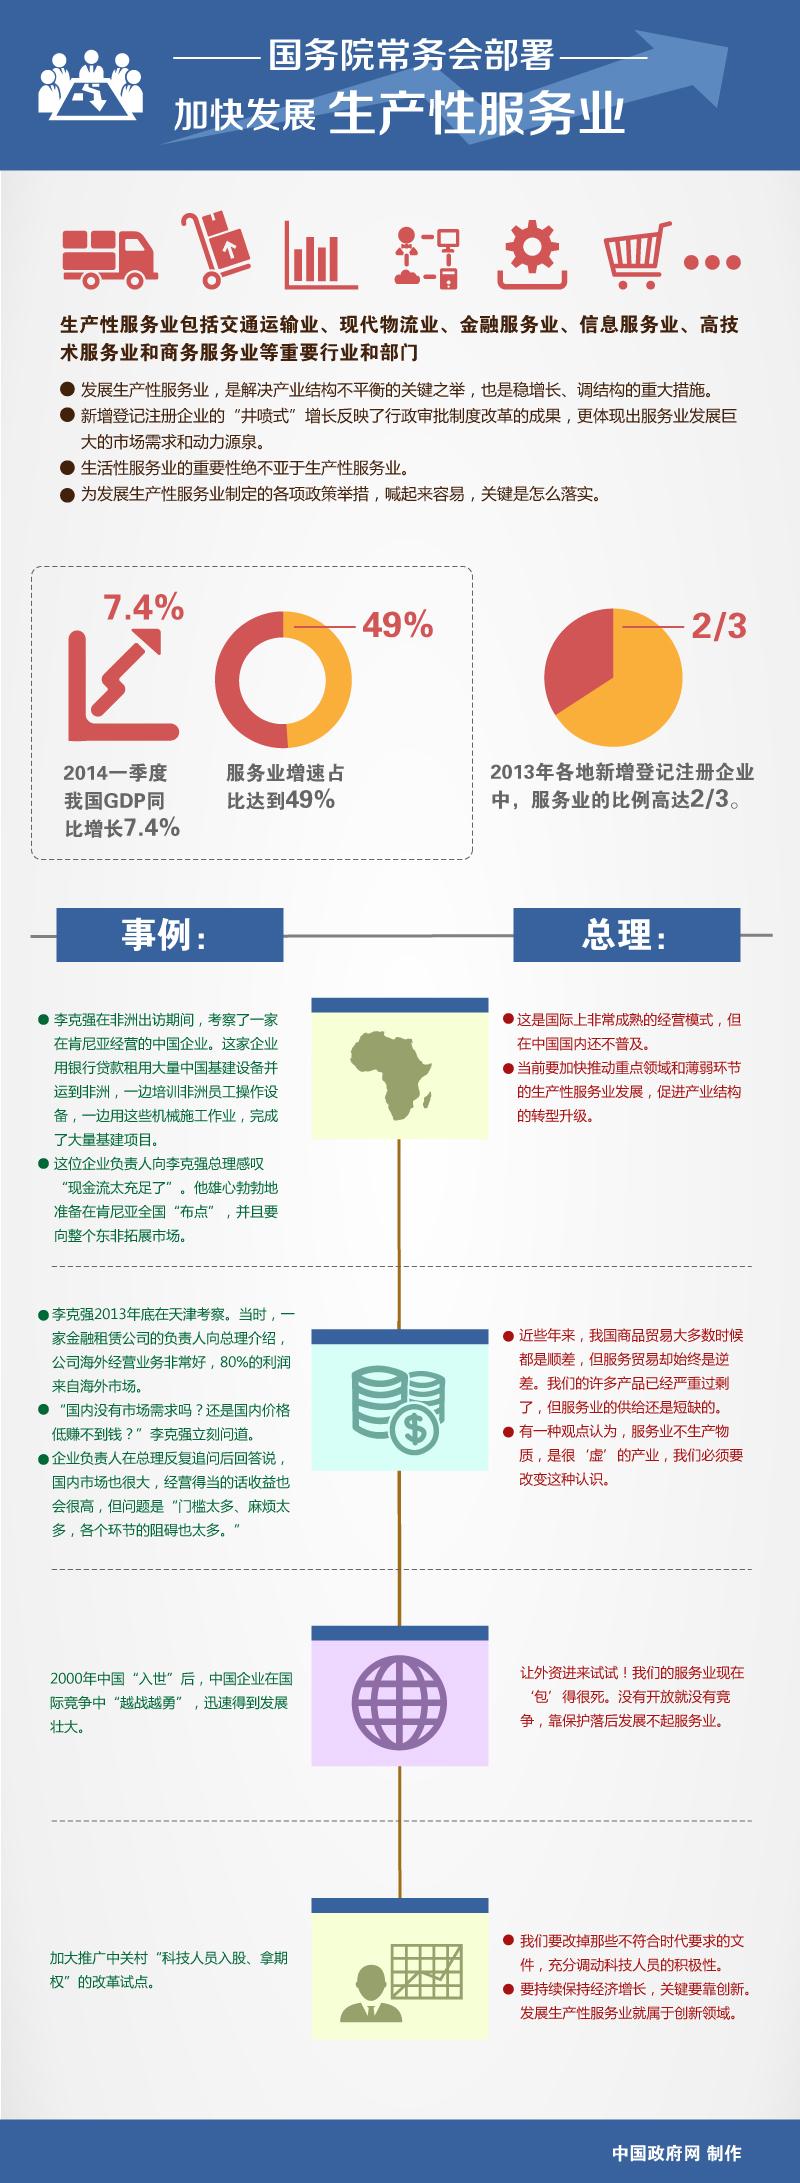 在三期叠加的形势下,中国经济进入新常态,发展模式正在改变。   《第一财经日报》采访的多位专家发表了上述观点。   一方面是转型升级的阵痛,另一方面是中国经济在调结构、促改革中,努力探寻新的增长点和新动力。   上半年错综复杂的国内外形势,使中国经济一直面临严峻的下行压力,被称为微刺激的一系列政策也引来颇多讨论。   因而,上半年GDP增速7.